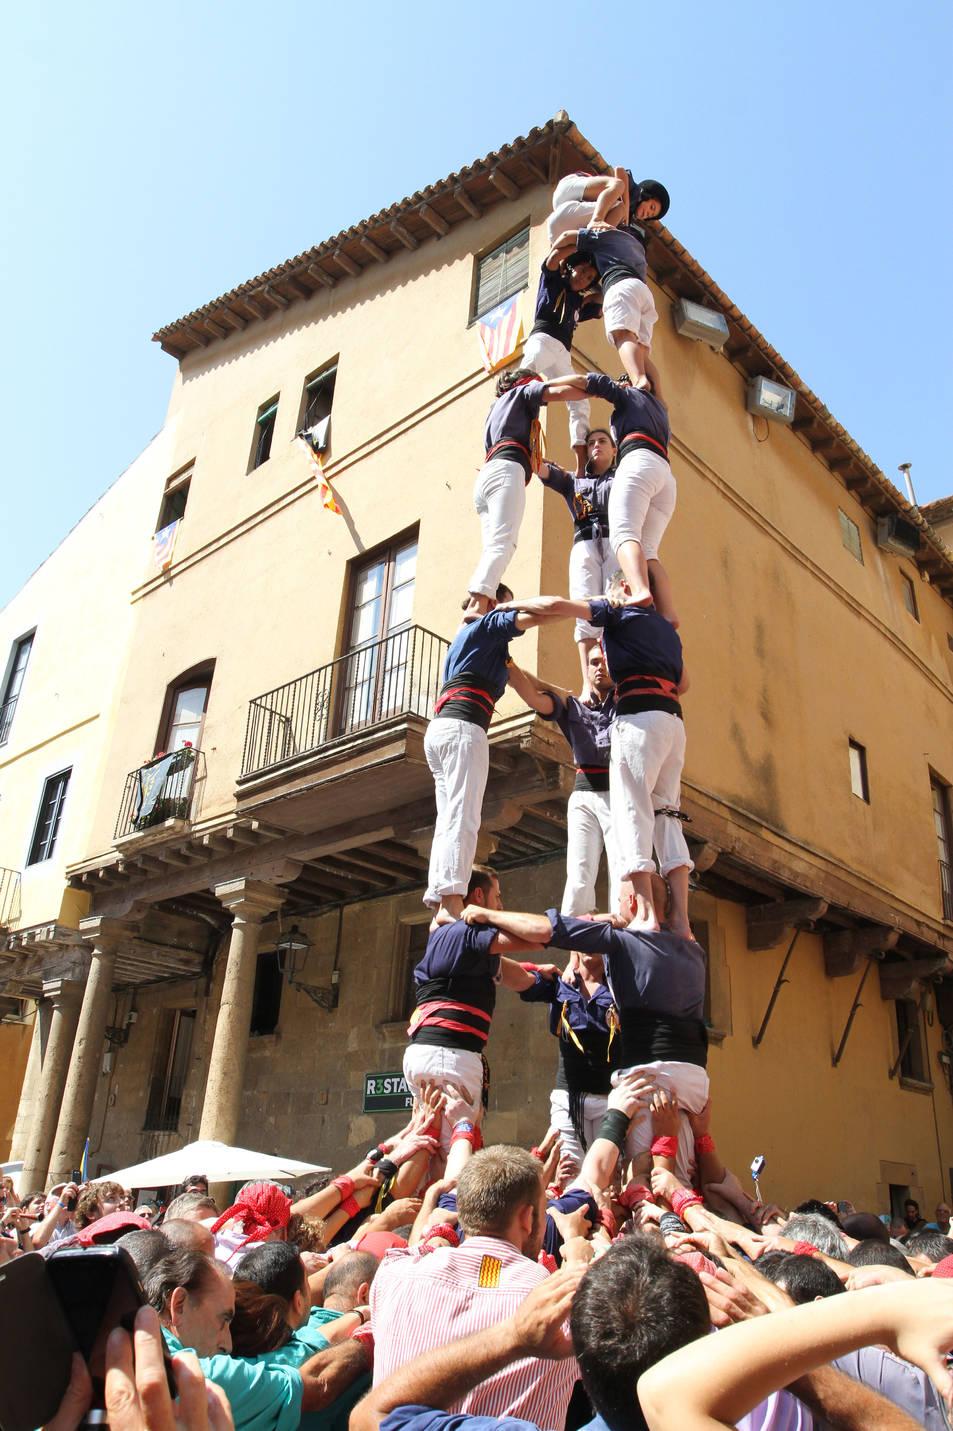 3de7 lleuger dels Xiquets del Serrallo a la diada de l'Onze de Setembre